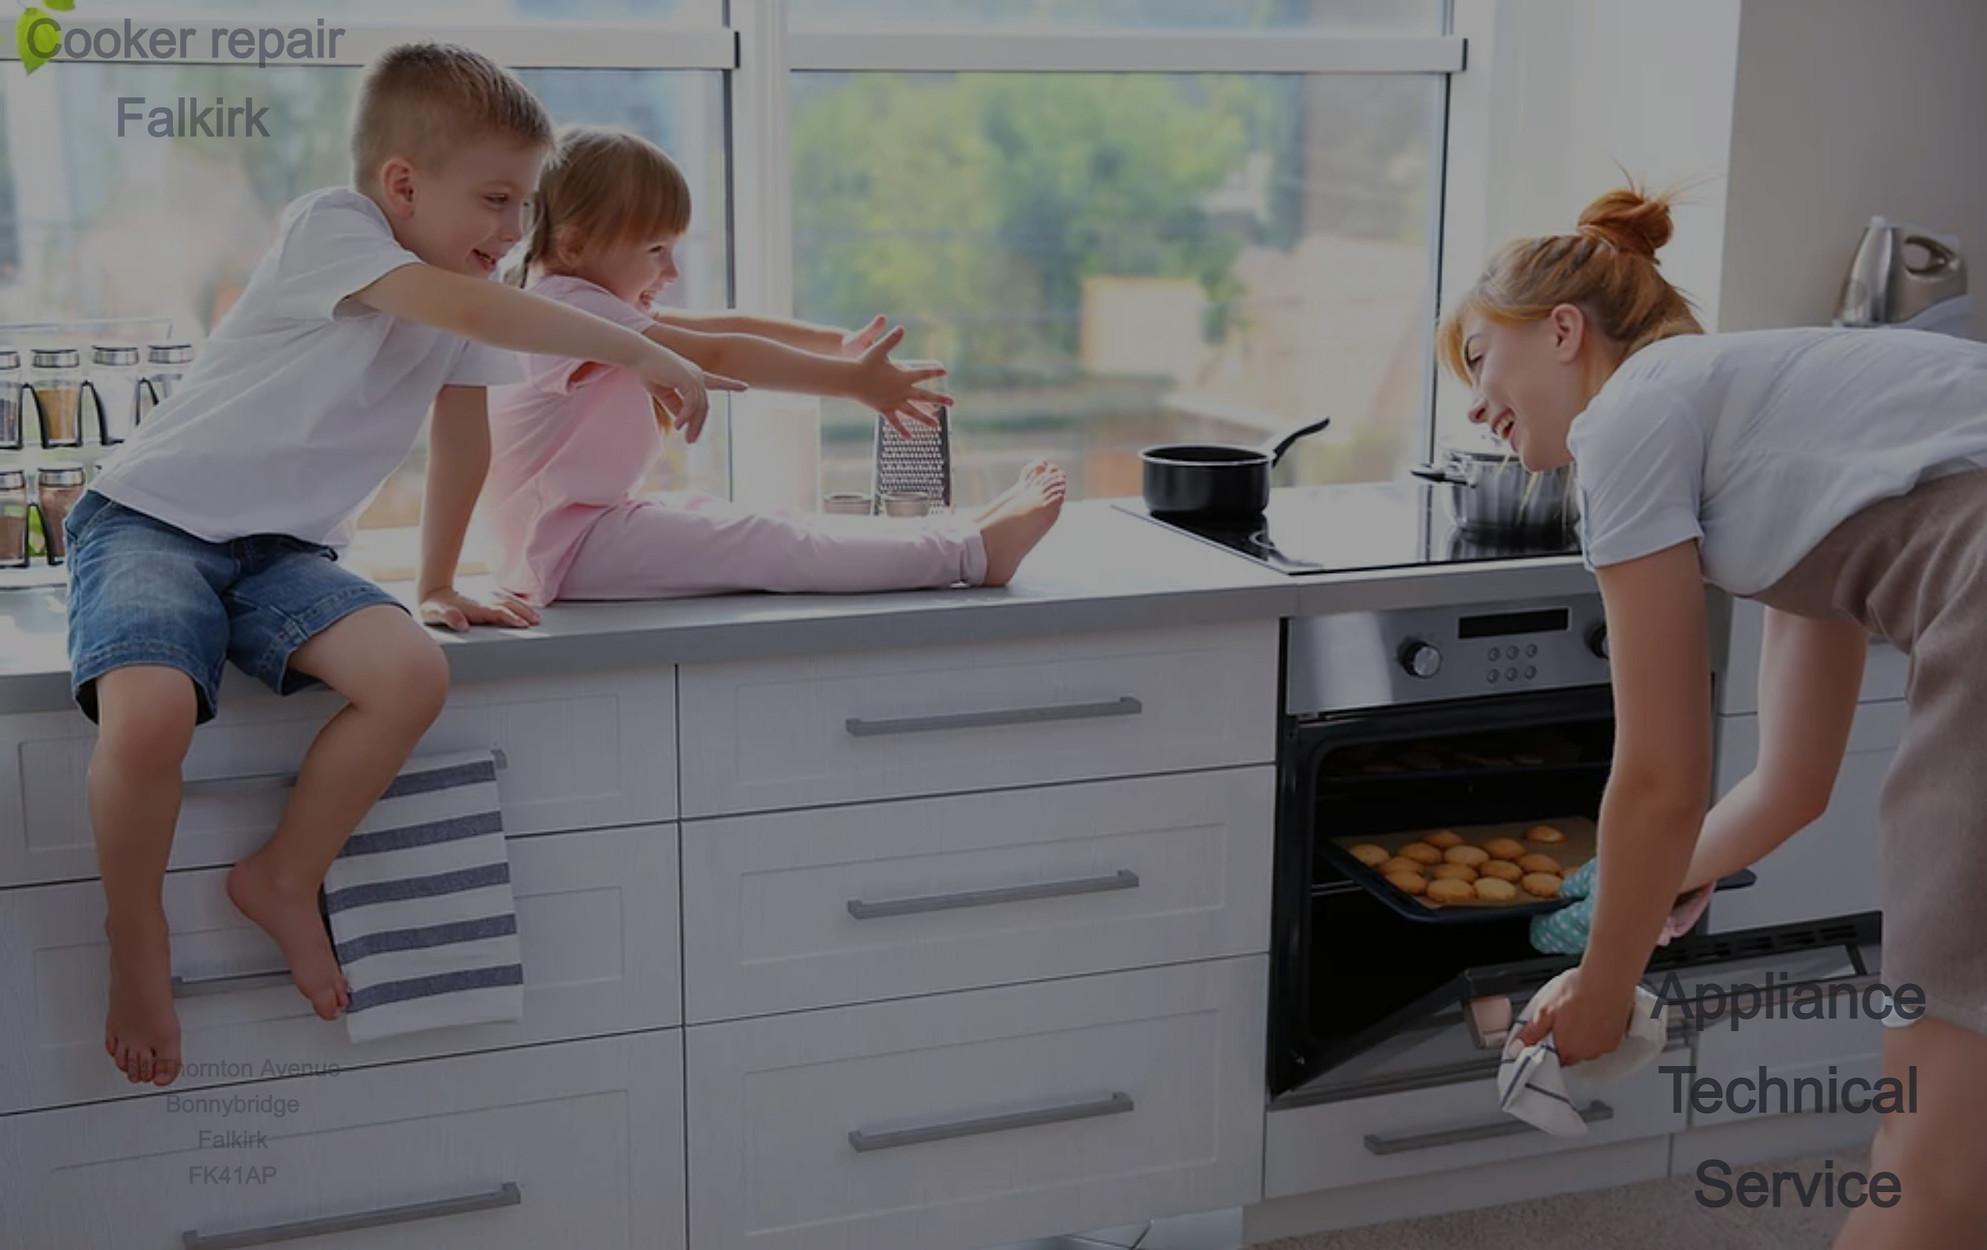 cooker repairs falkirk stirlin